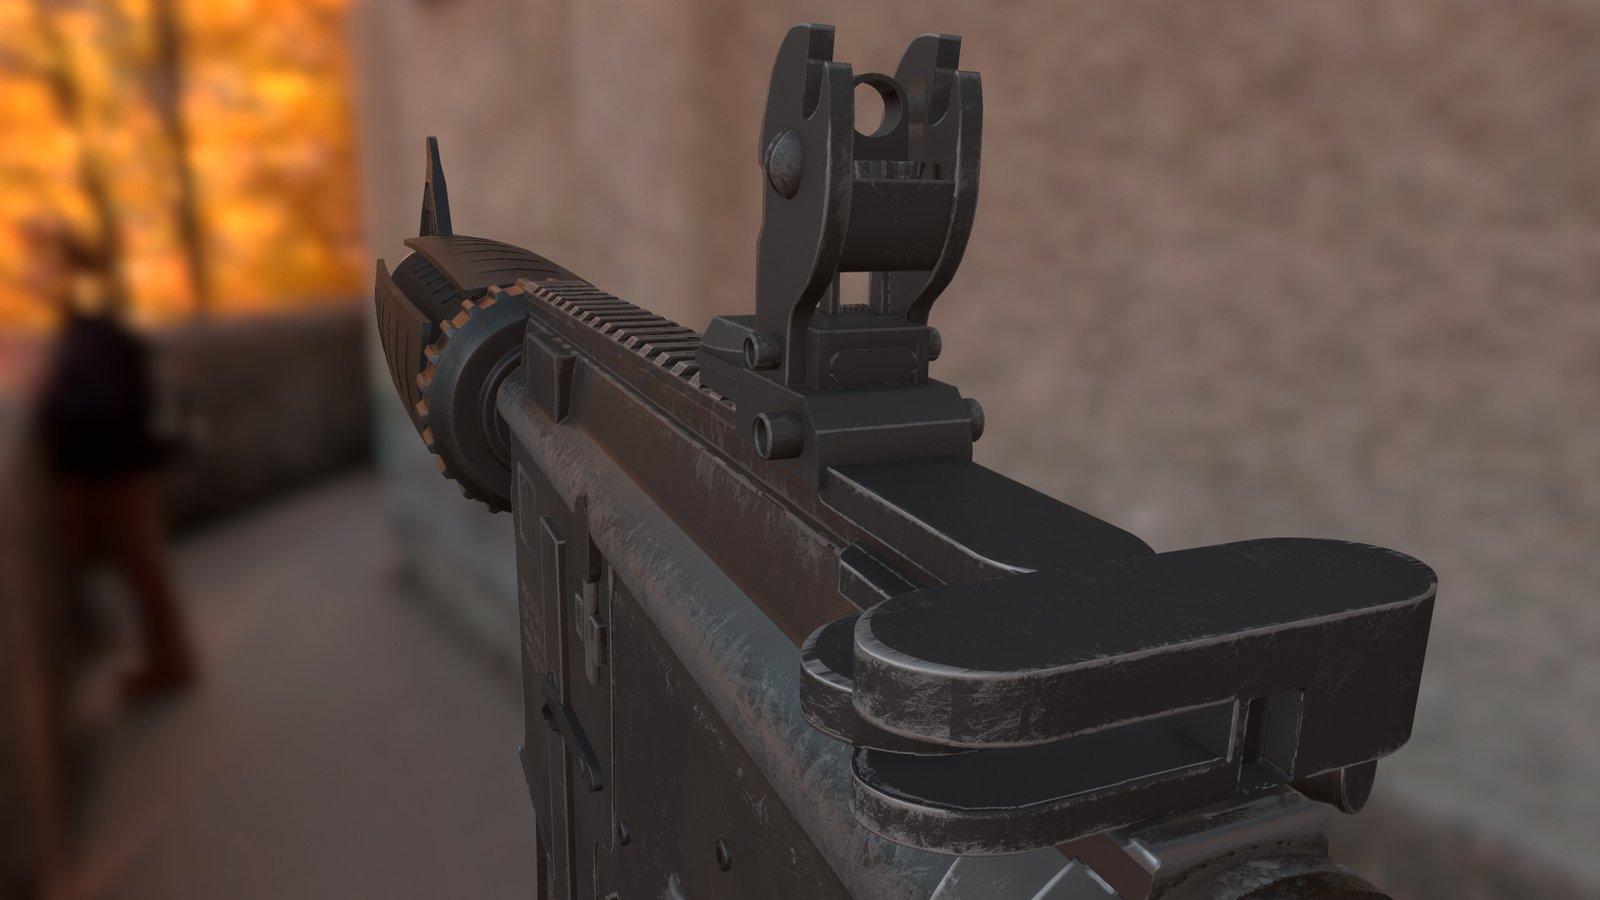 ArtStation - M4A4 CSGO - 3D model, Miguel Gonzalez